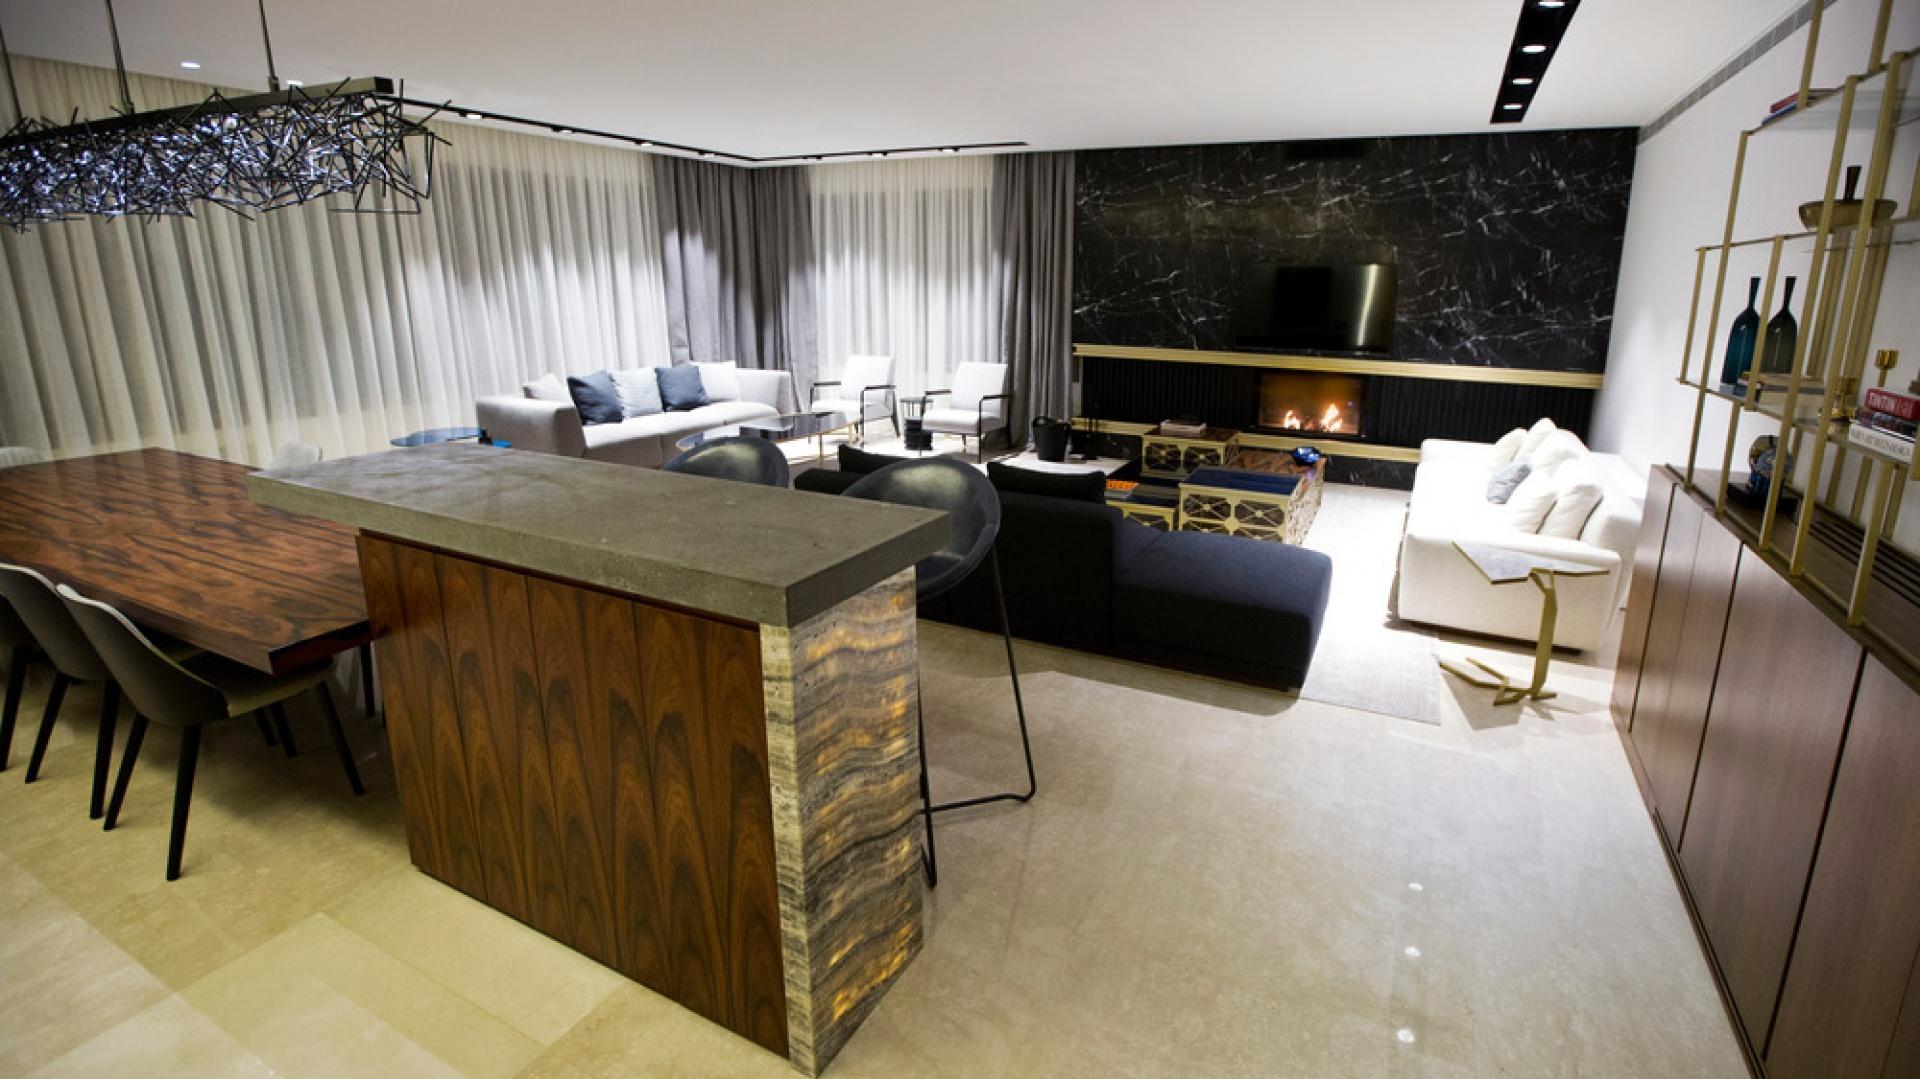 Chcąc zaoszczędzić przestrzeń, architekci postanowili jadalnię połączyć z wyspą, zestawiając wysoki bar z długim stołem jadalnianym. Projekt: Ronald Helou Design. Fot. Rudy Bouchebel.